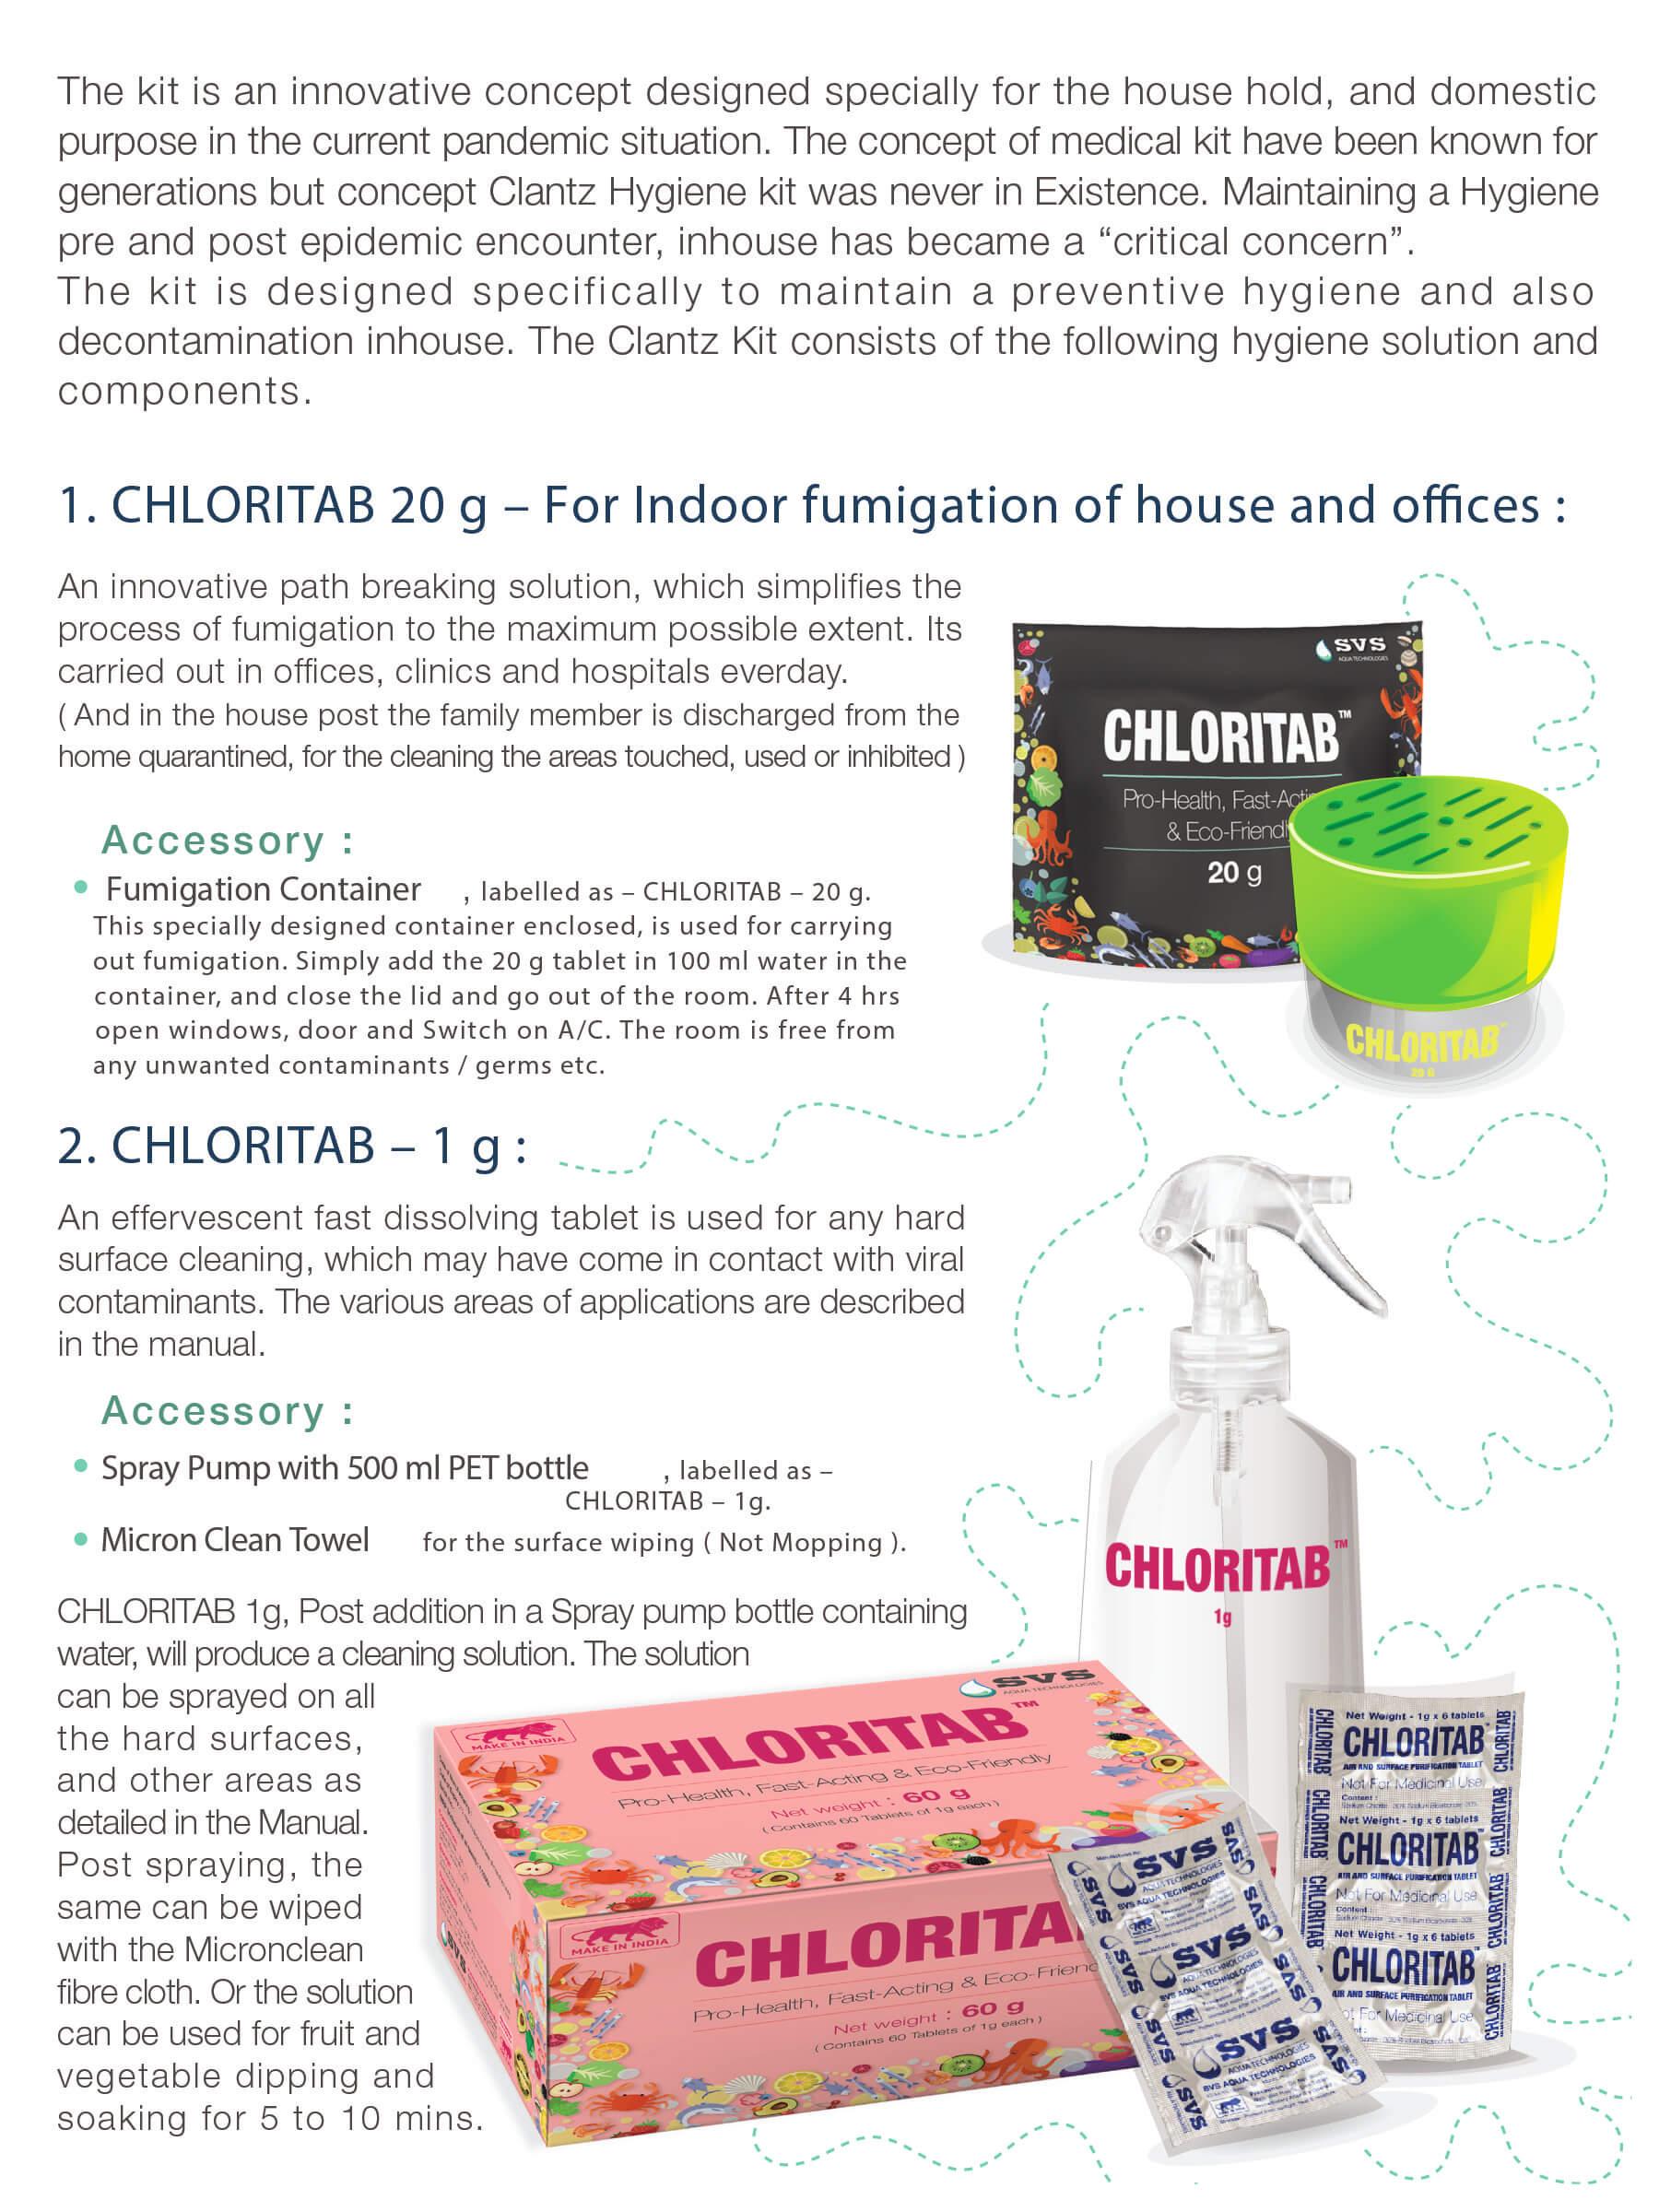 Clantz Hygiene Kit